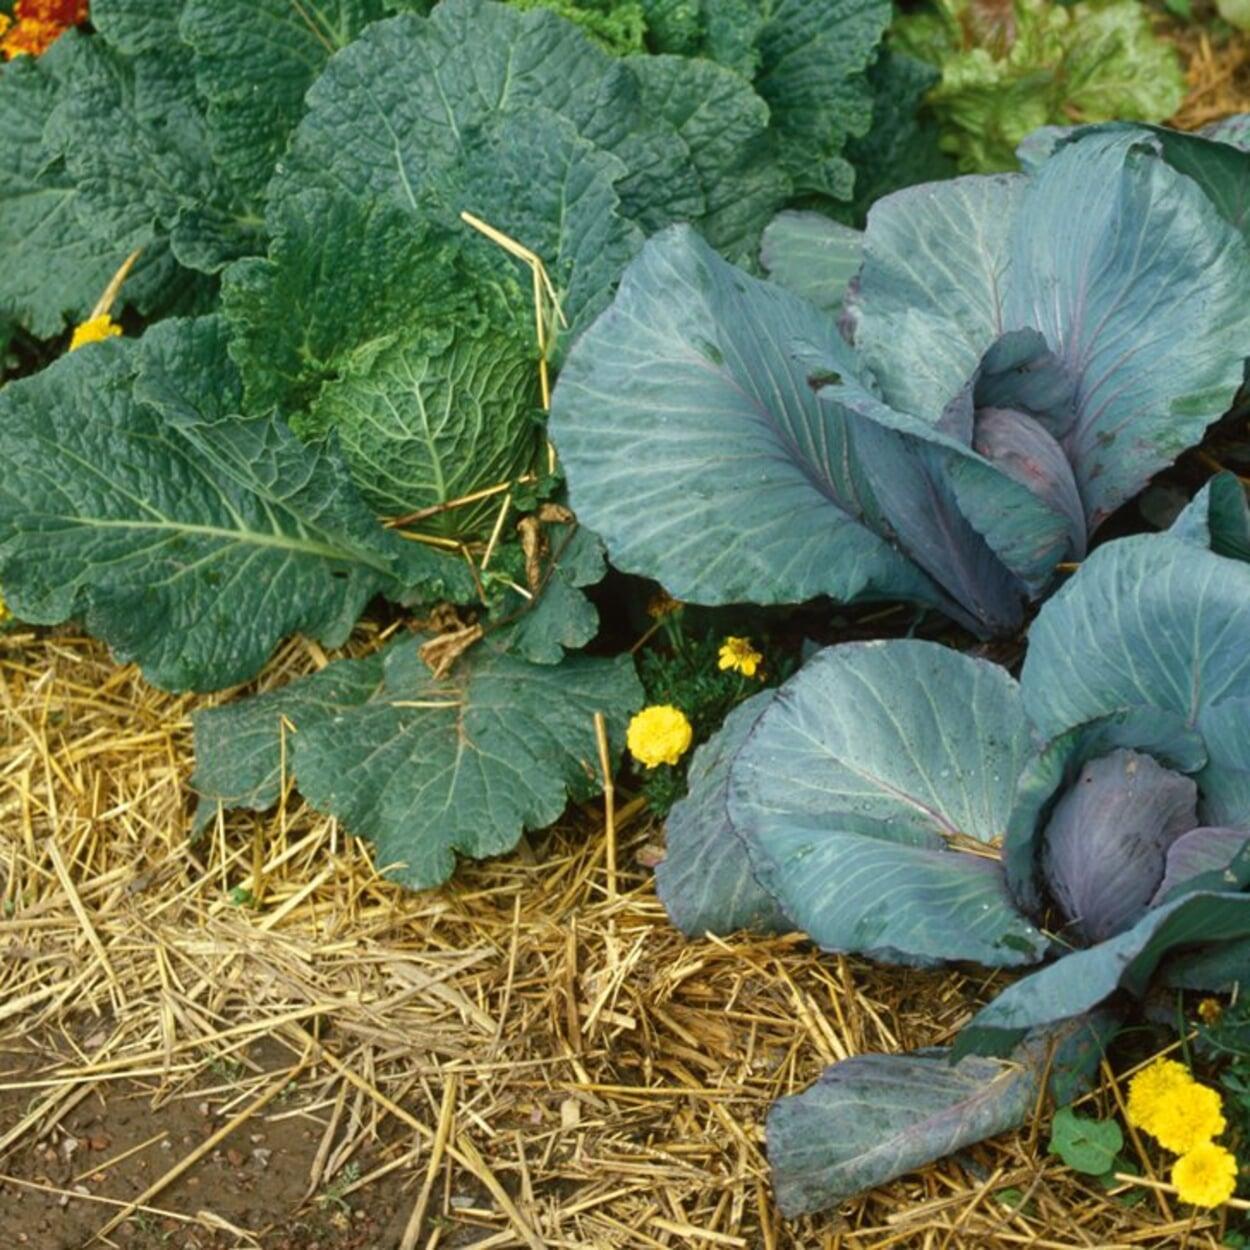 Strohmulch im Gemüsebeet